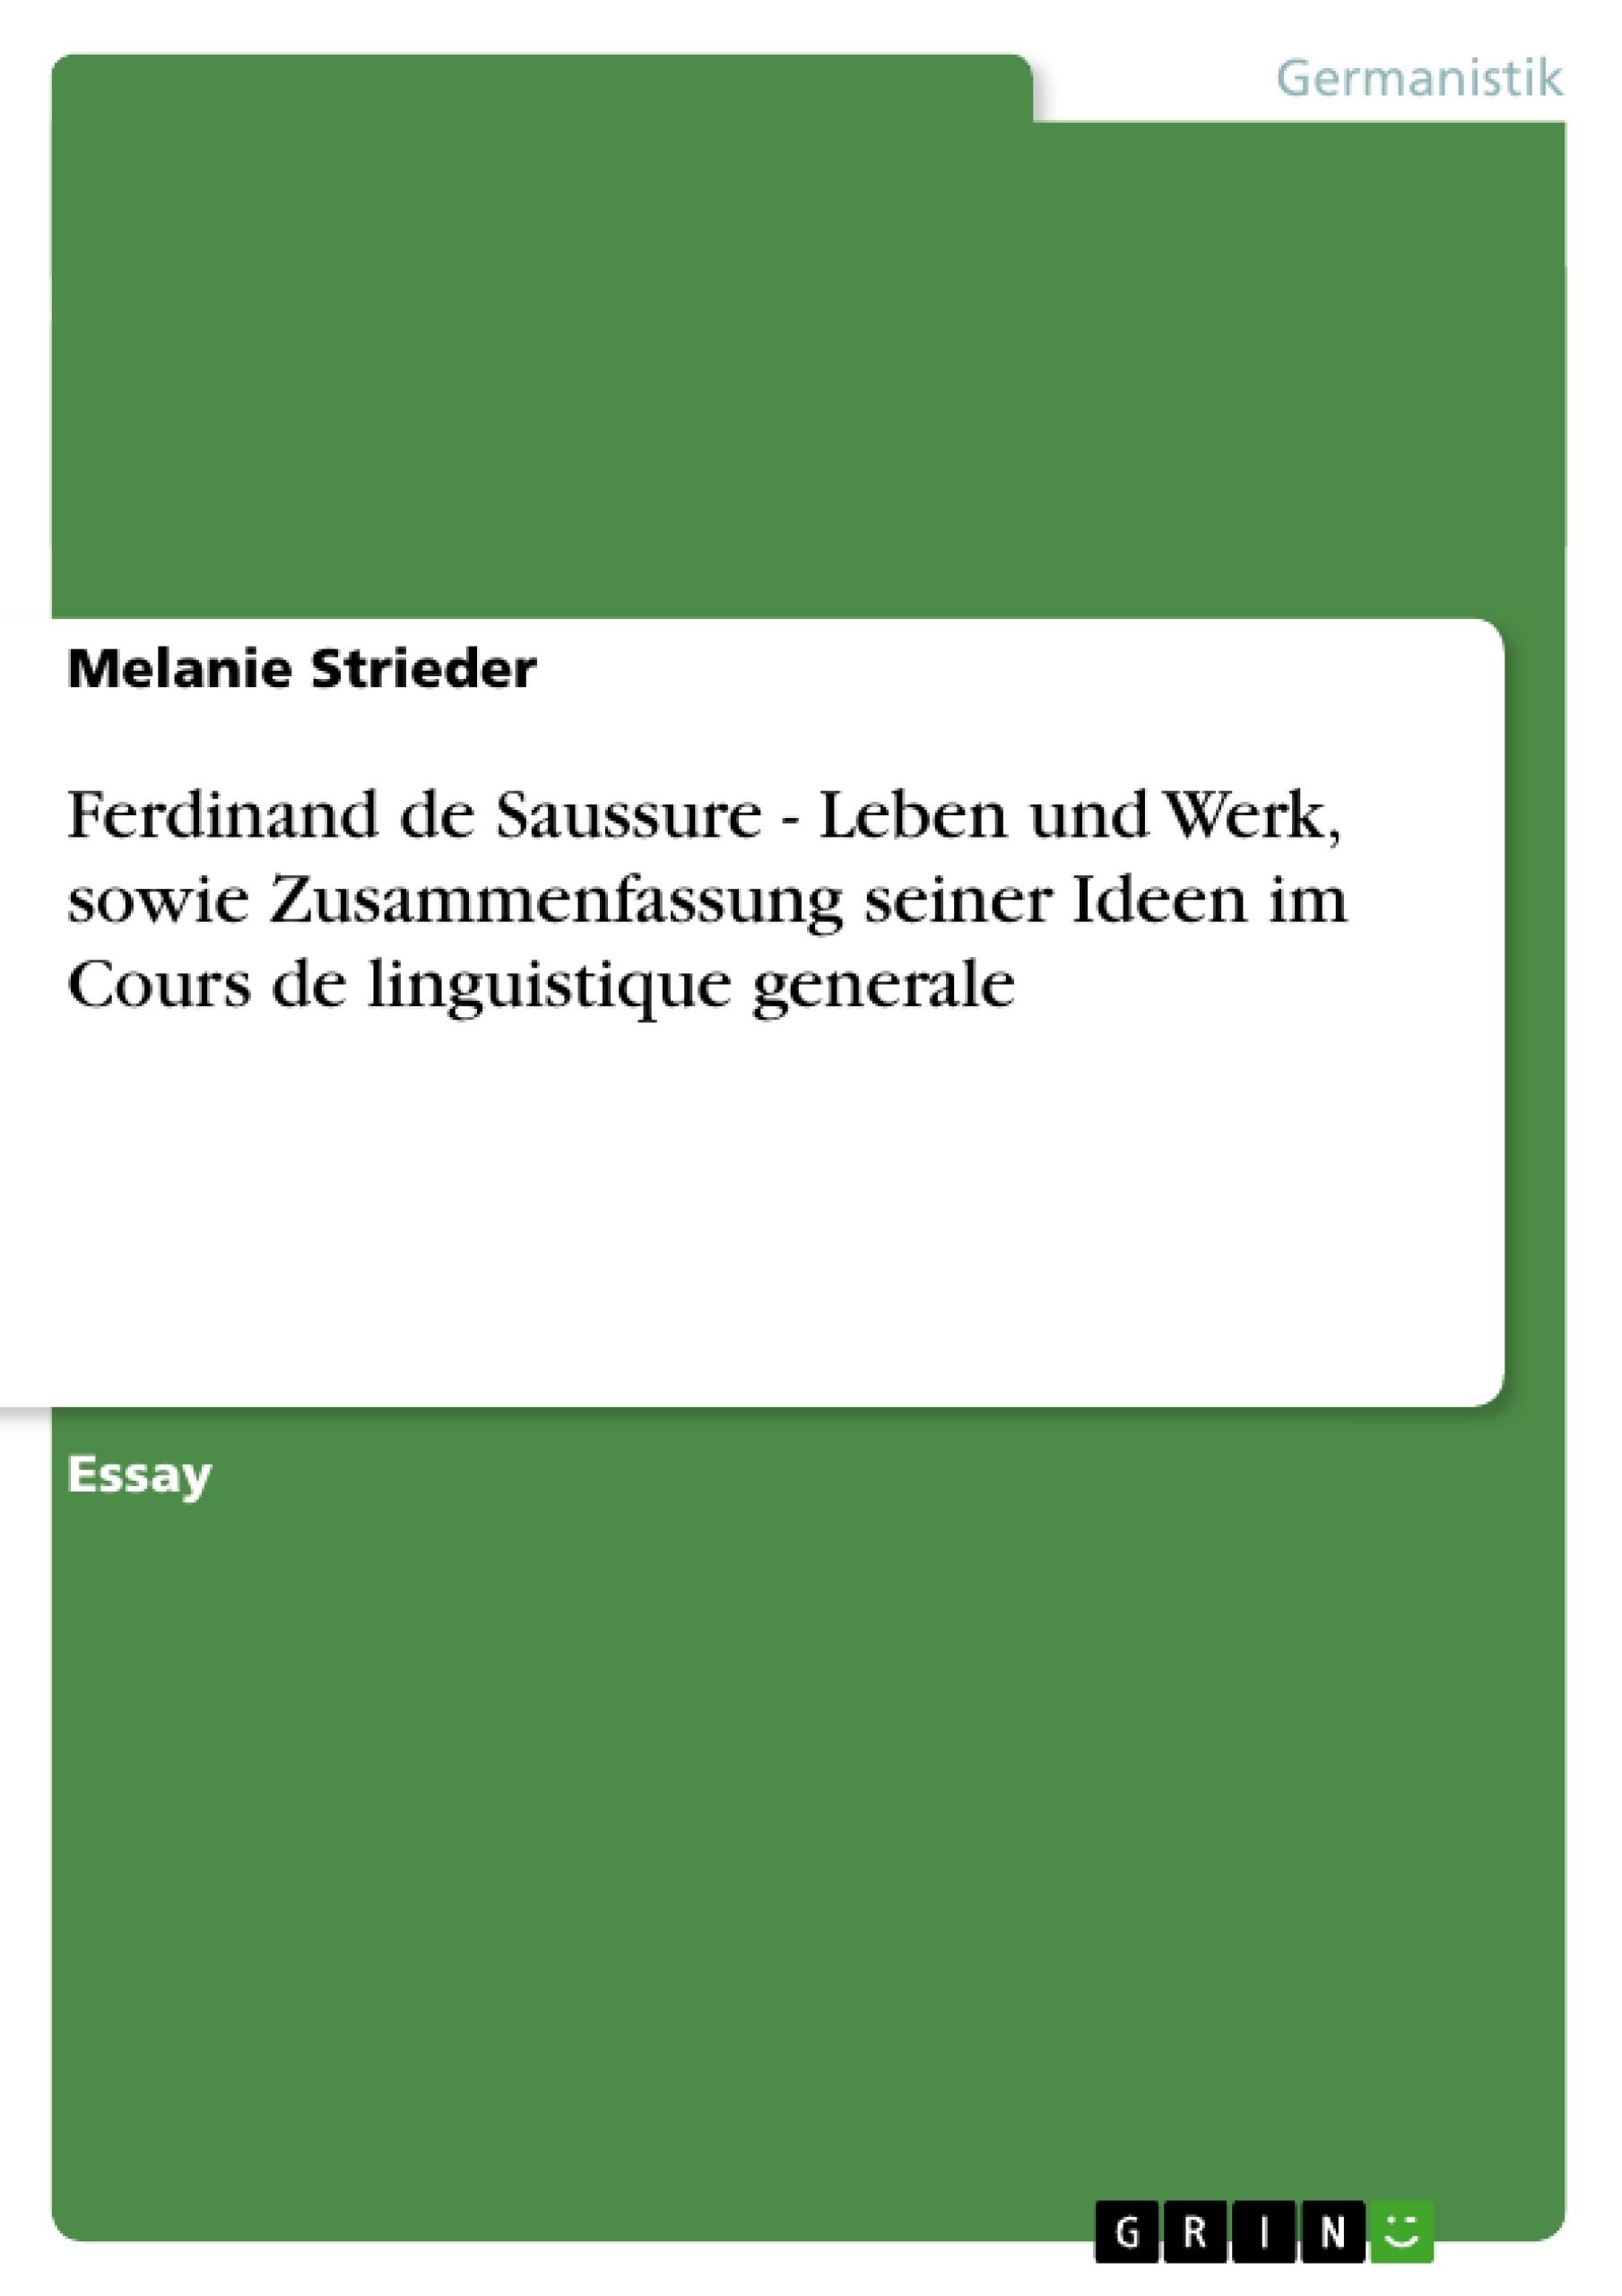 Titel: Ferdinand de Saussure - Leben und Werk, sowie Zusammenfassung seiner Ideen im Cours de linguistique generale